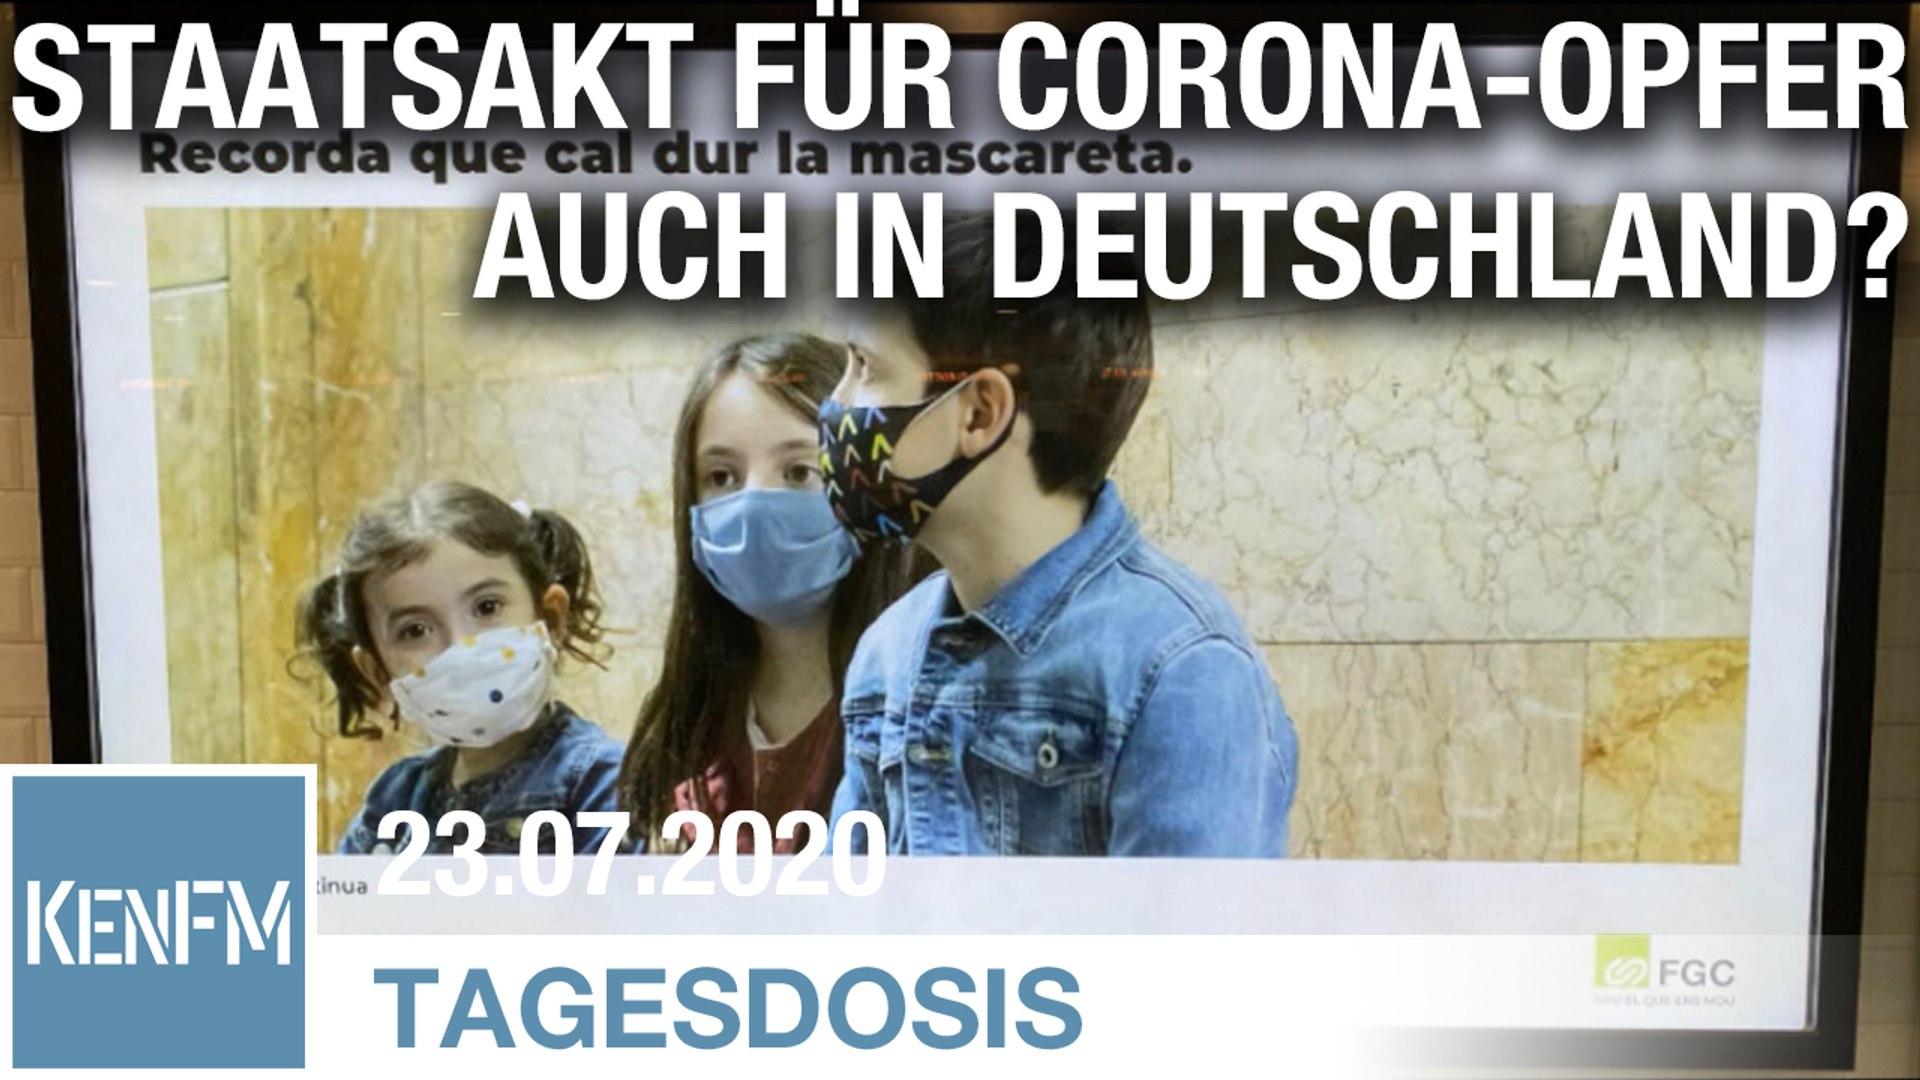 Kommt der Staatsakt für Corona-Opfer auch in Deutschland? | Von Bernhard Loyen